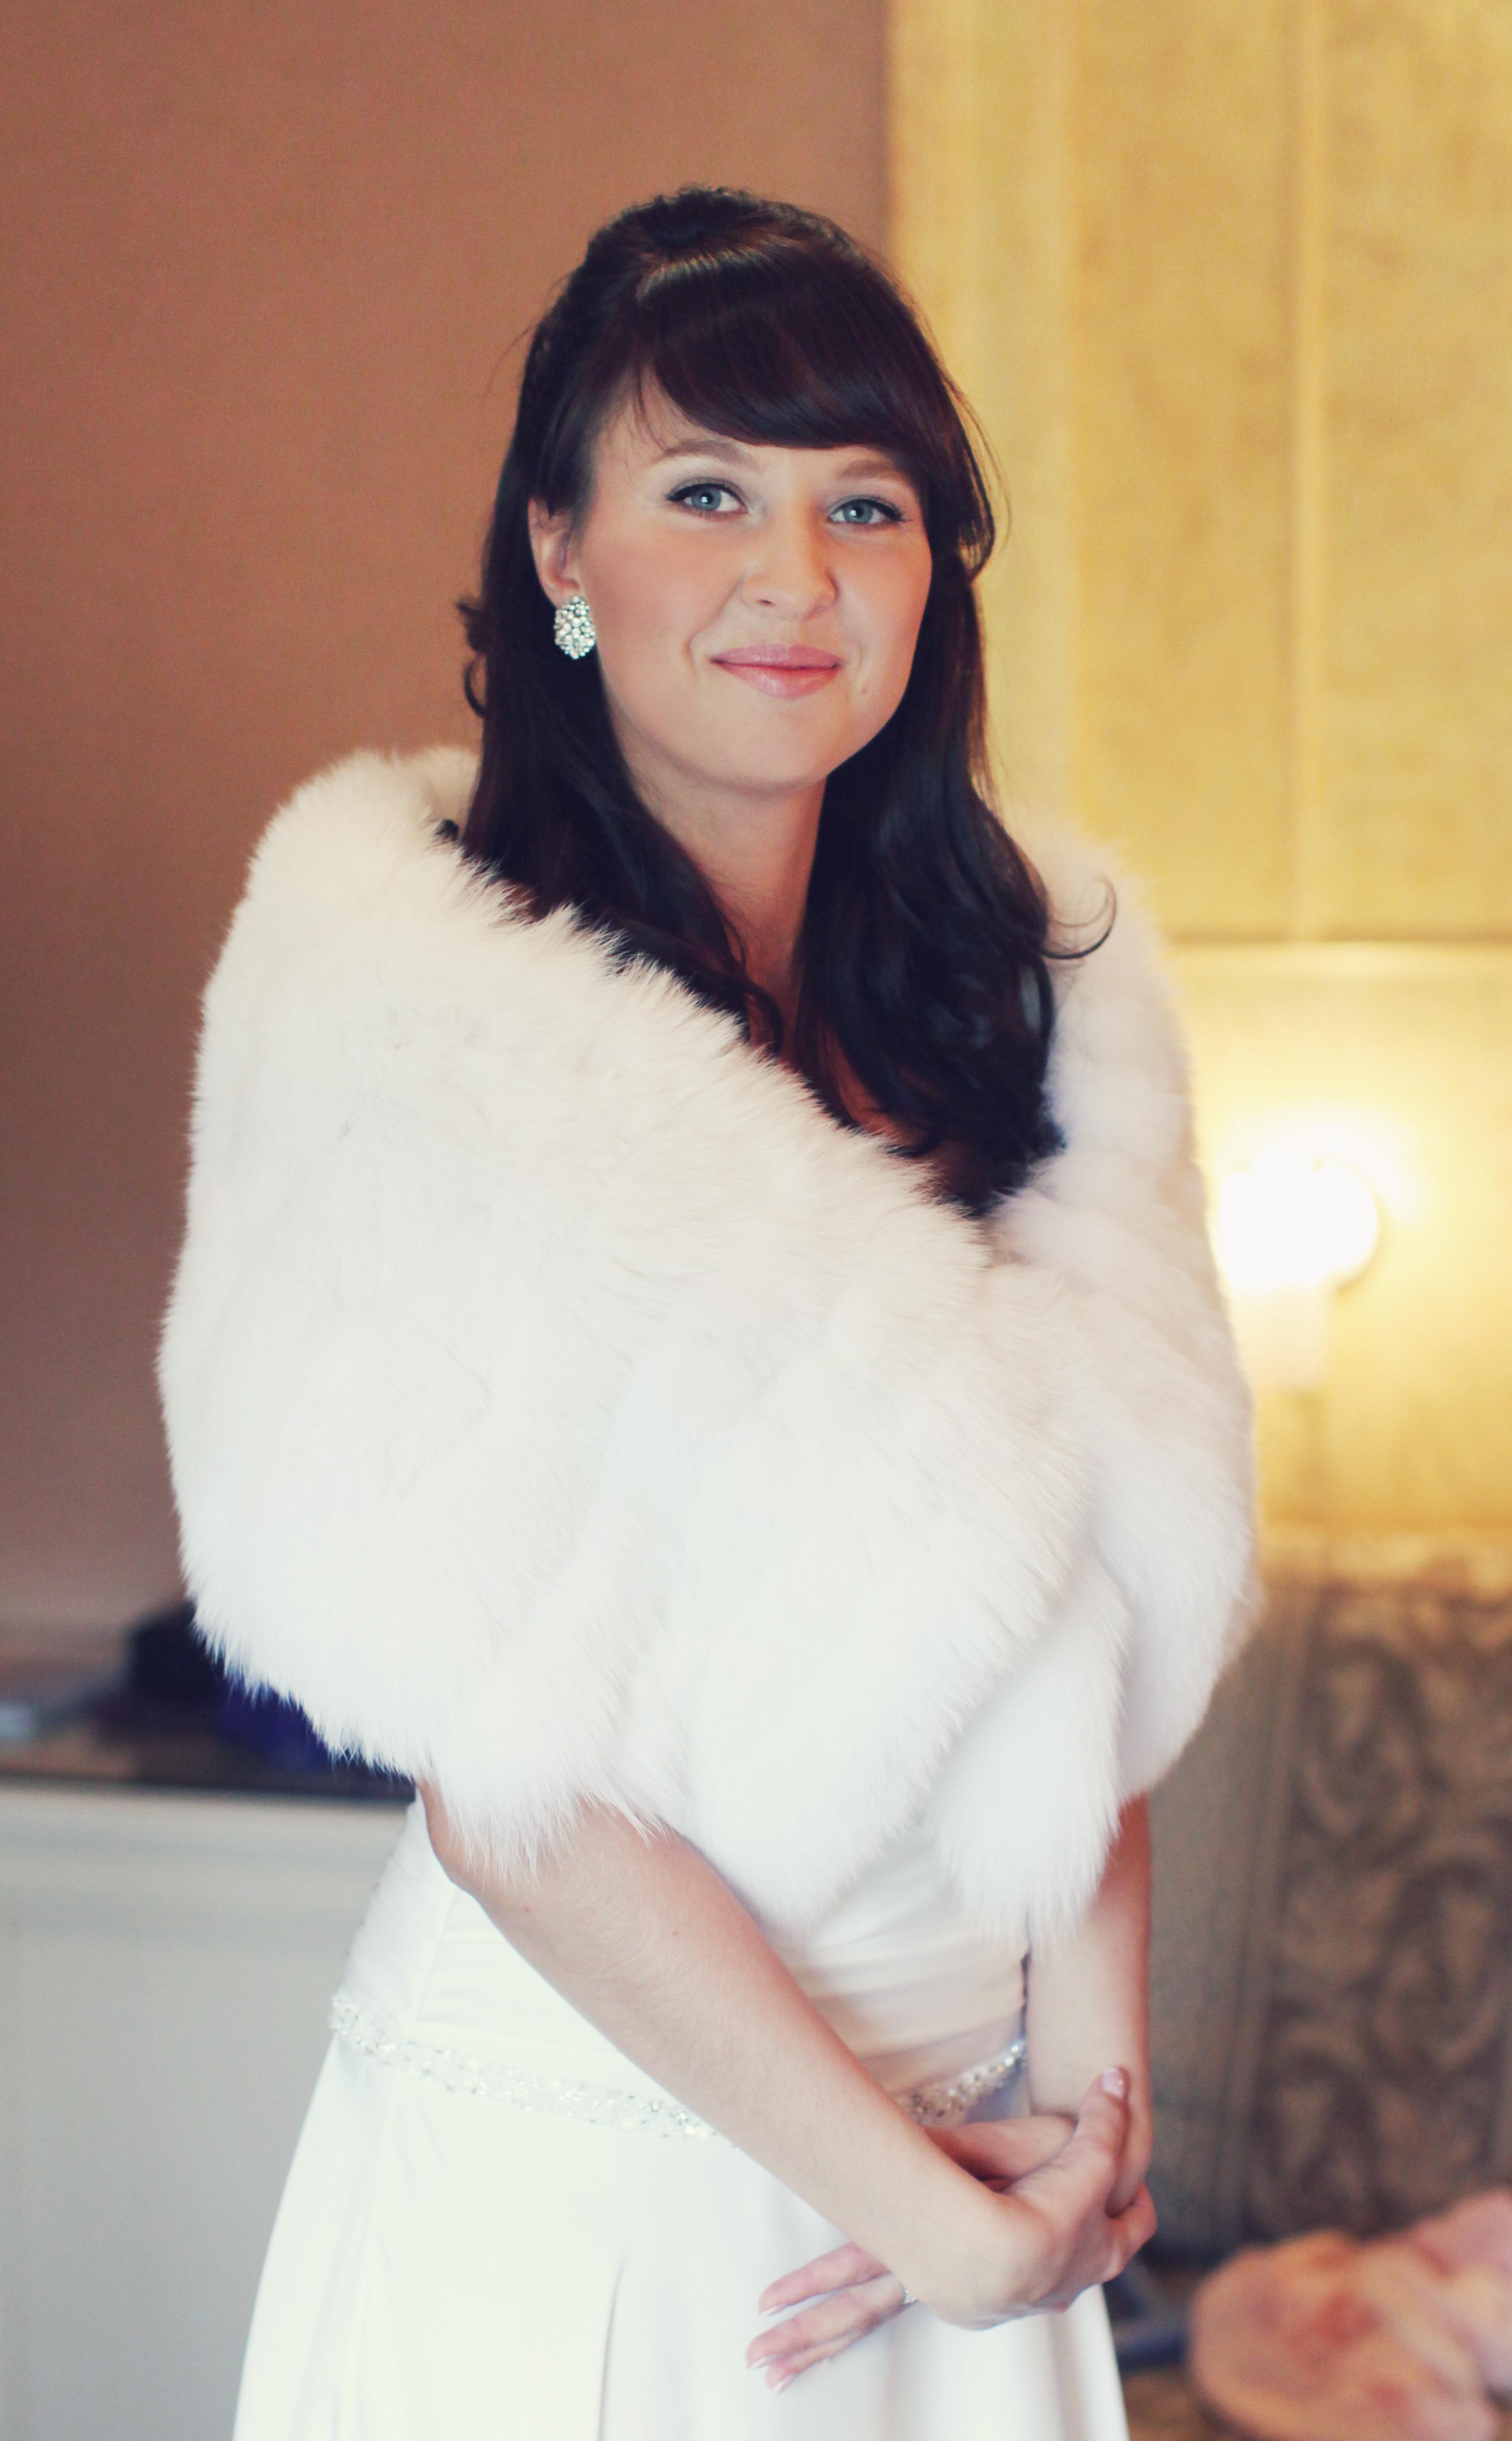 Норковые накидки шубки горжетки пелерины прокат купить Москва Wedding Fur